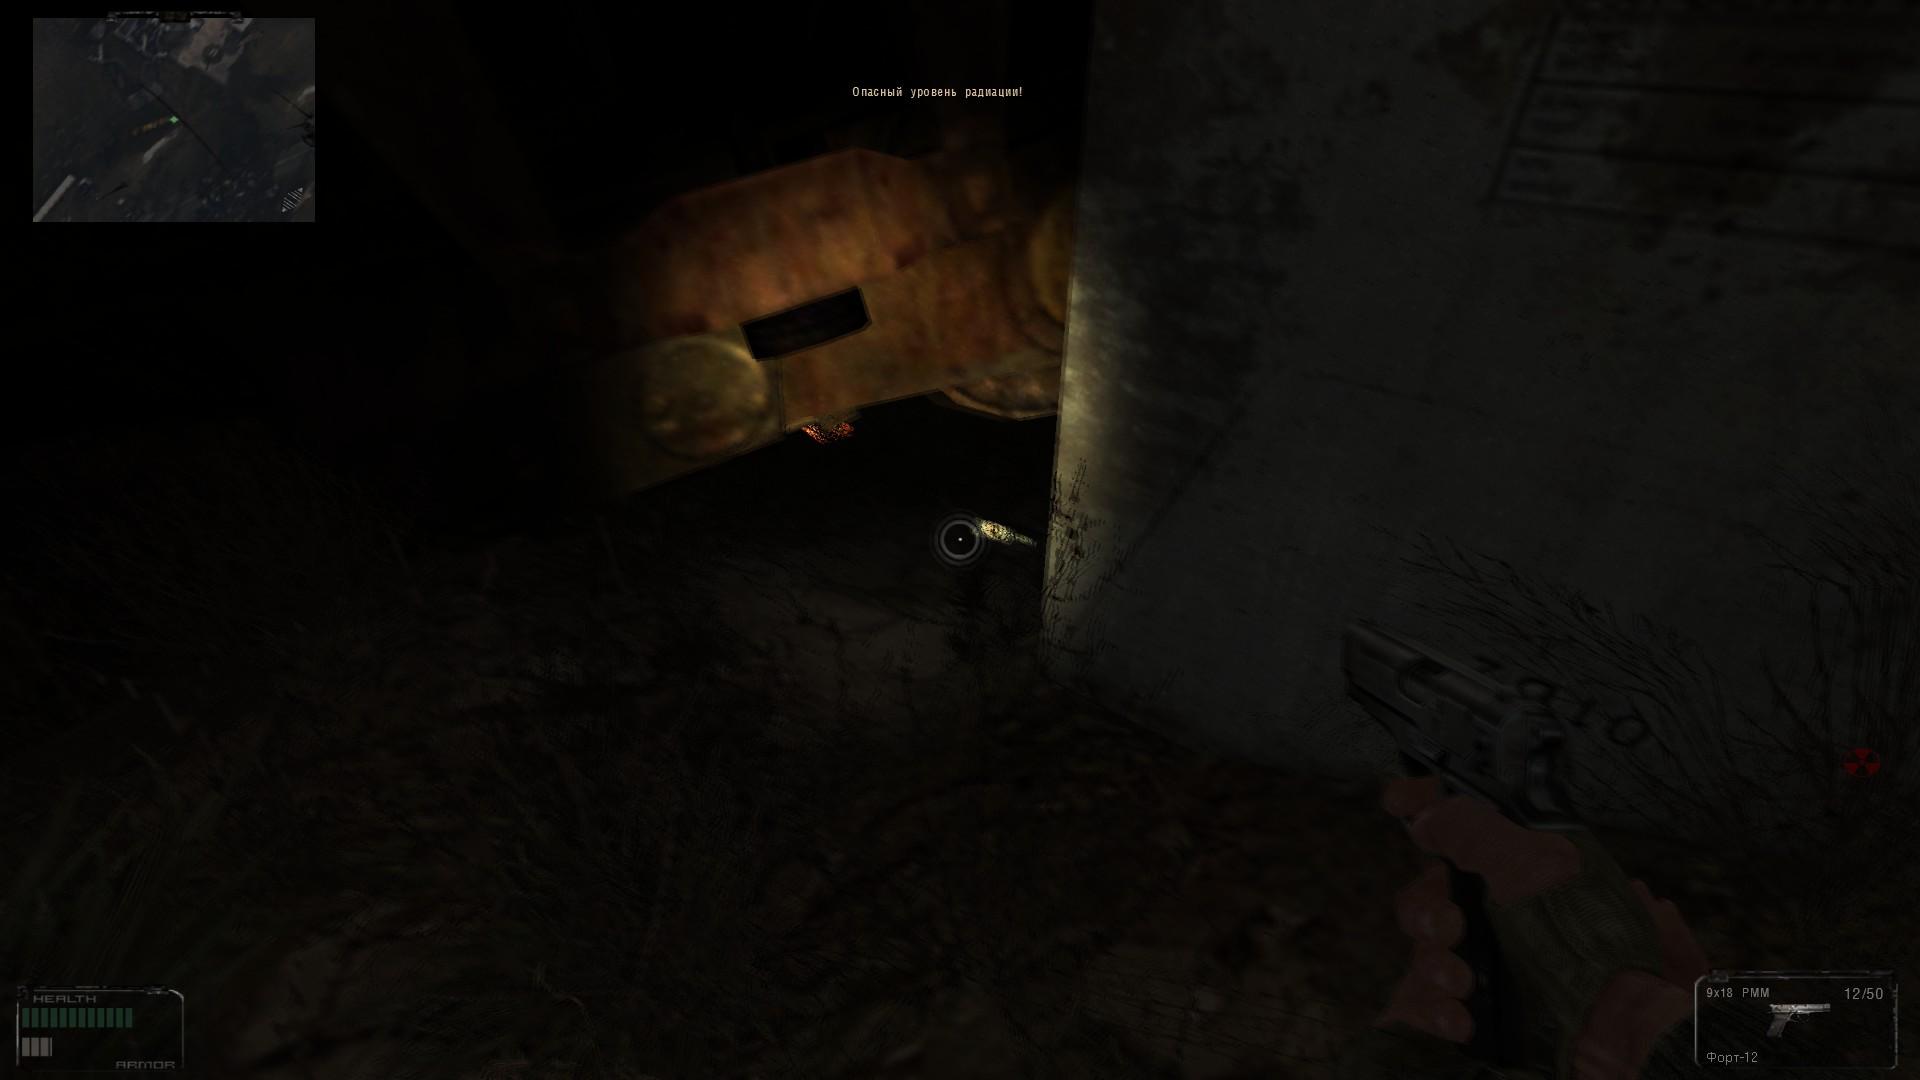 Oblivion Lost Remake 2.5 image 68